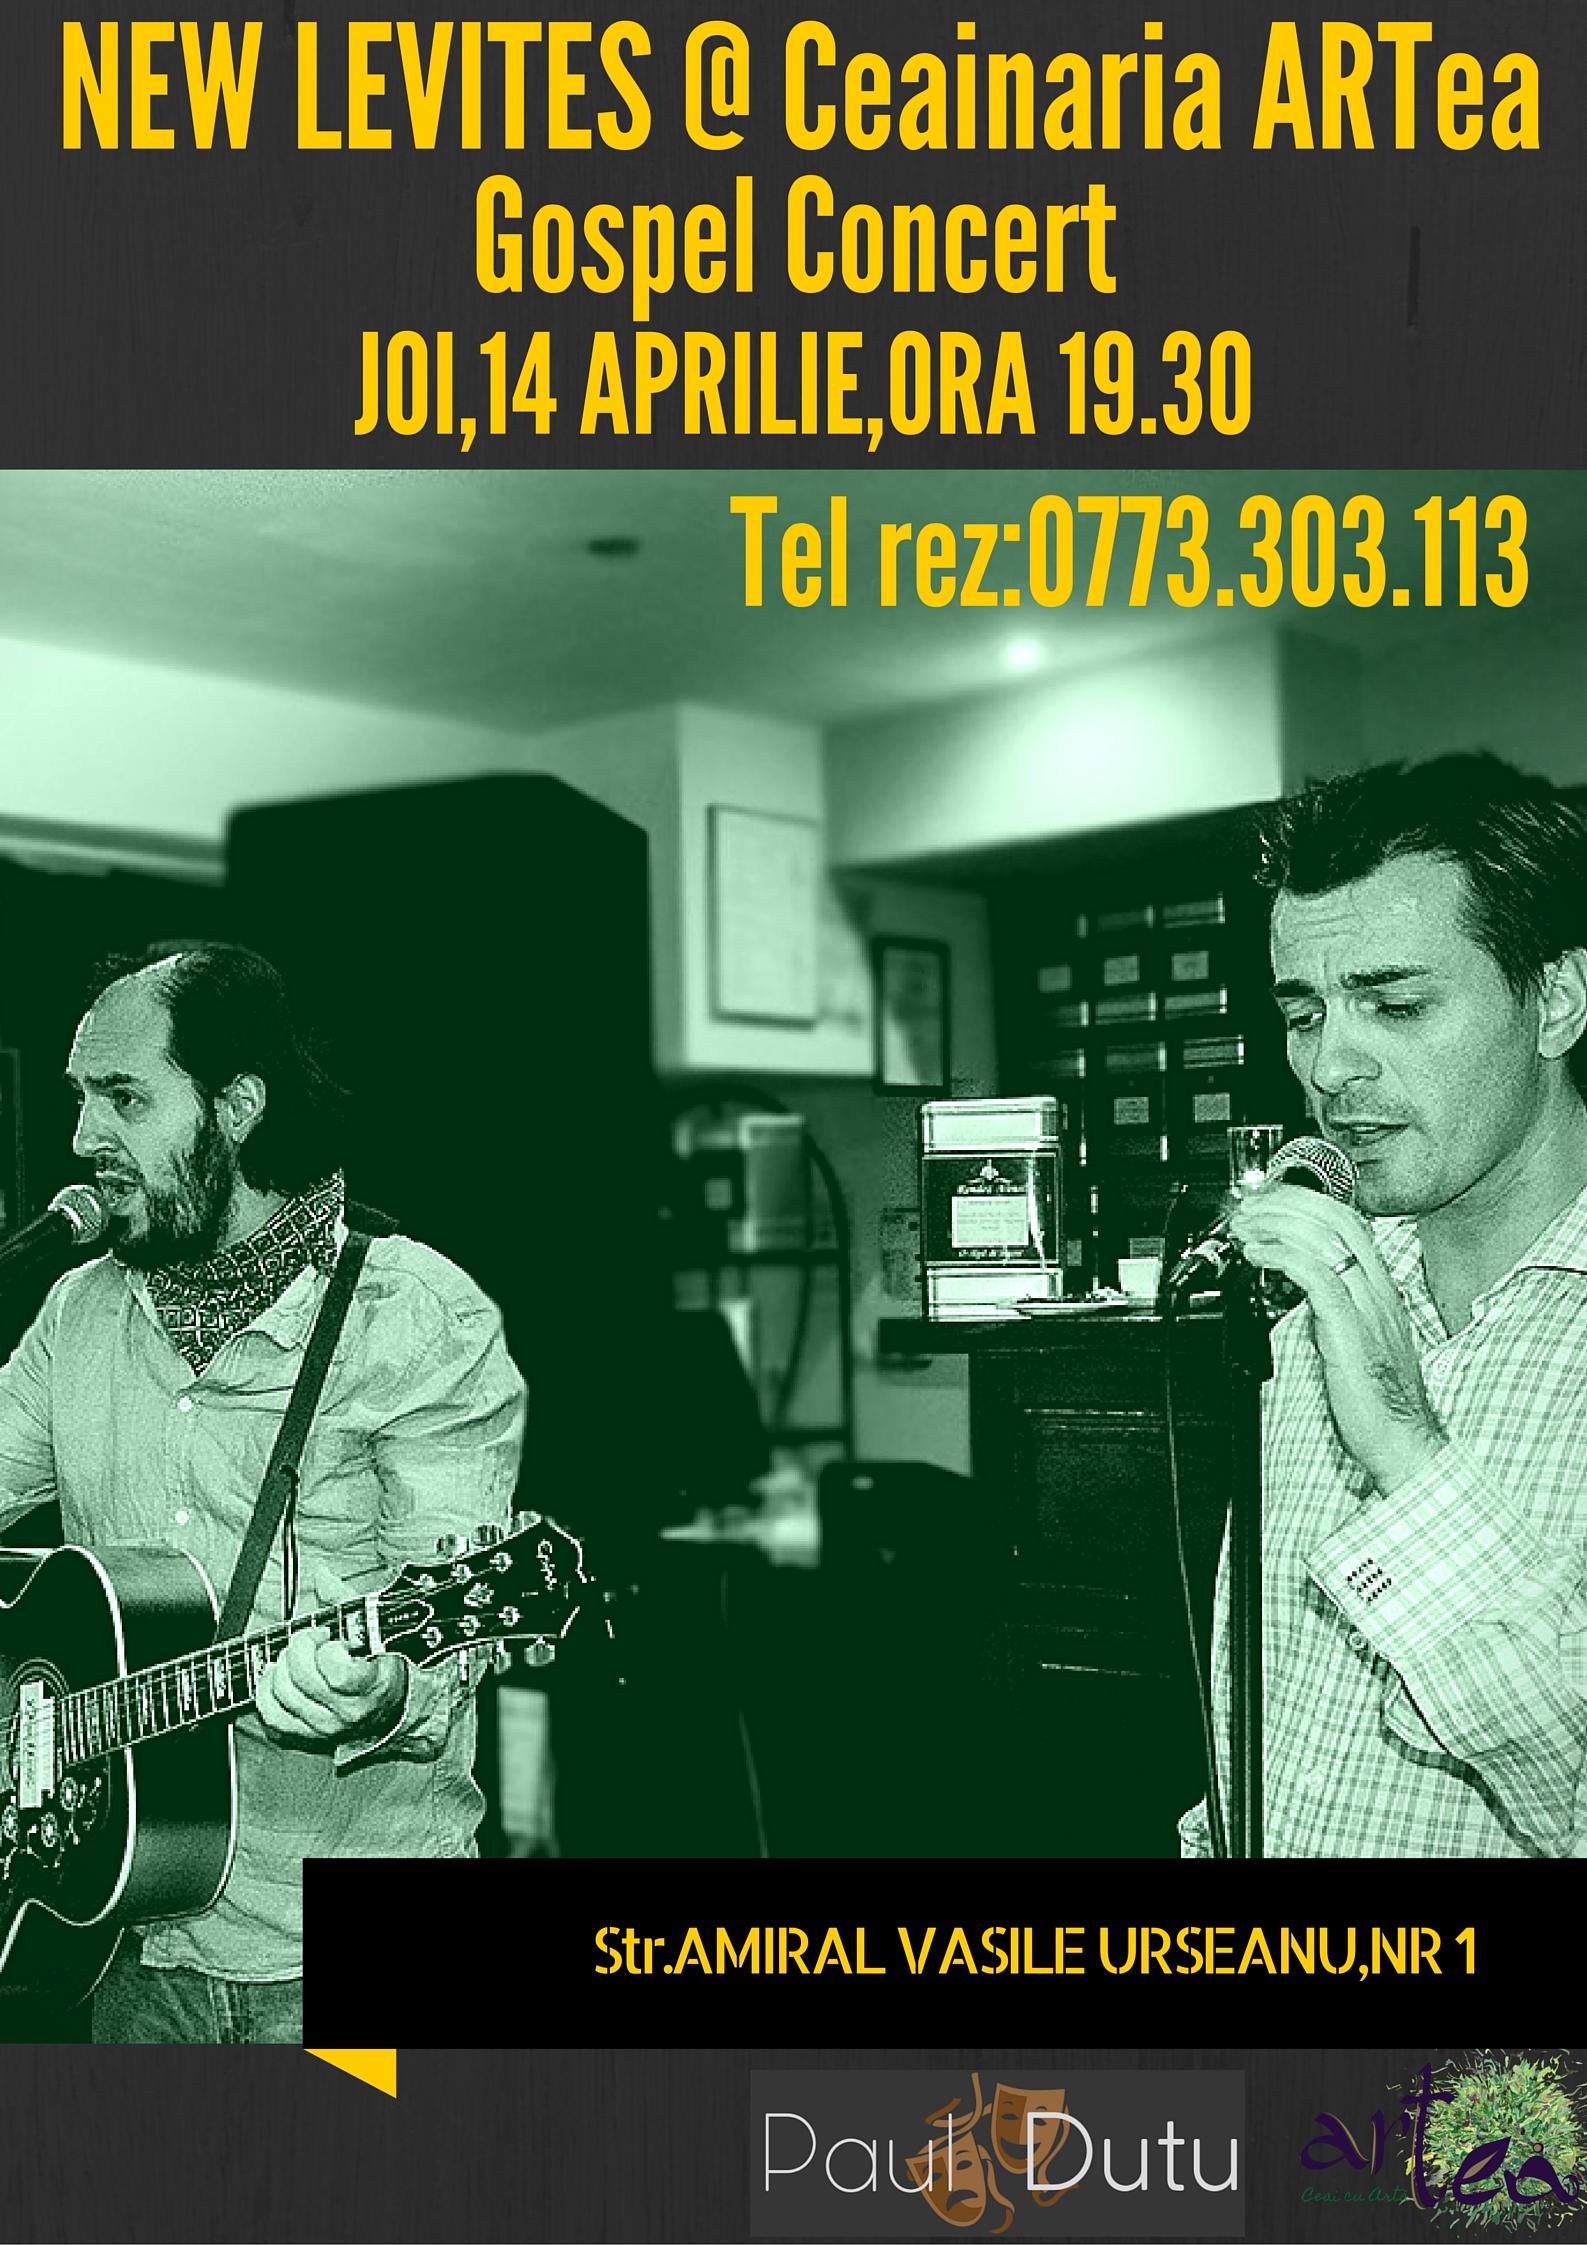 NEW LEVITES @ Ceainaria ARTea(1)